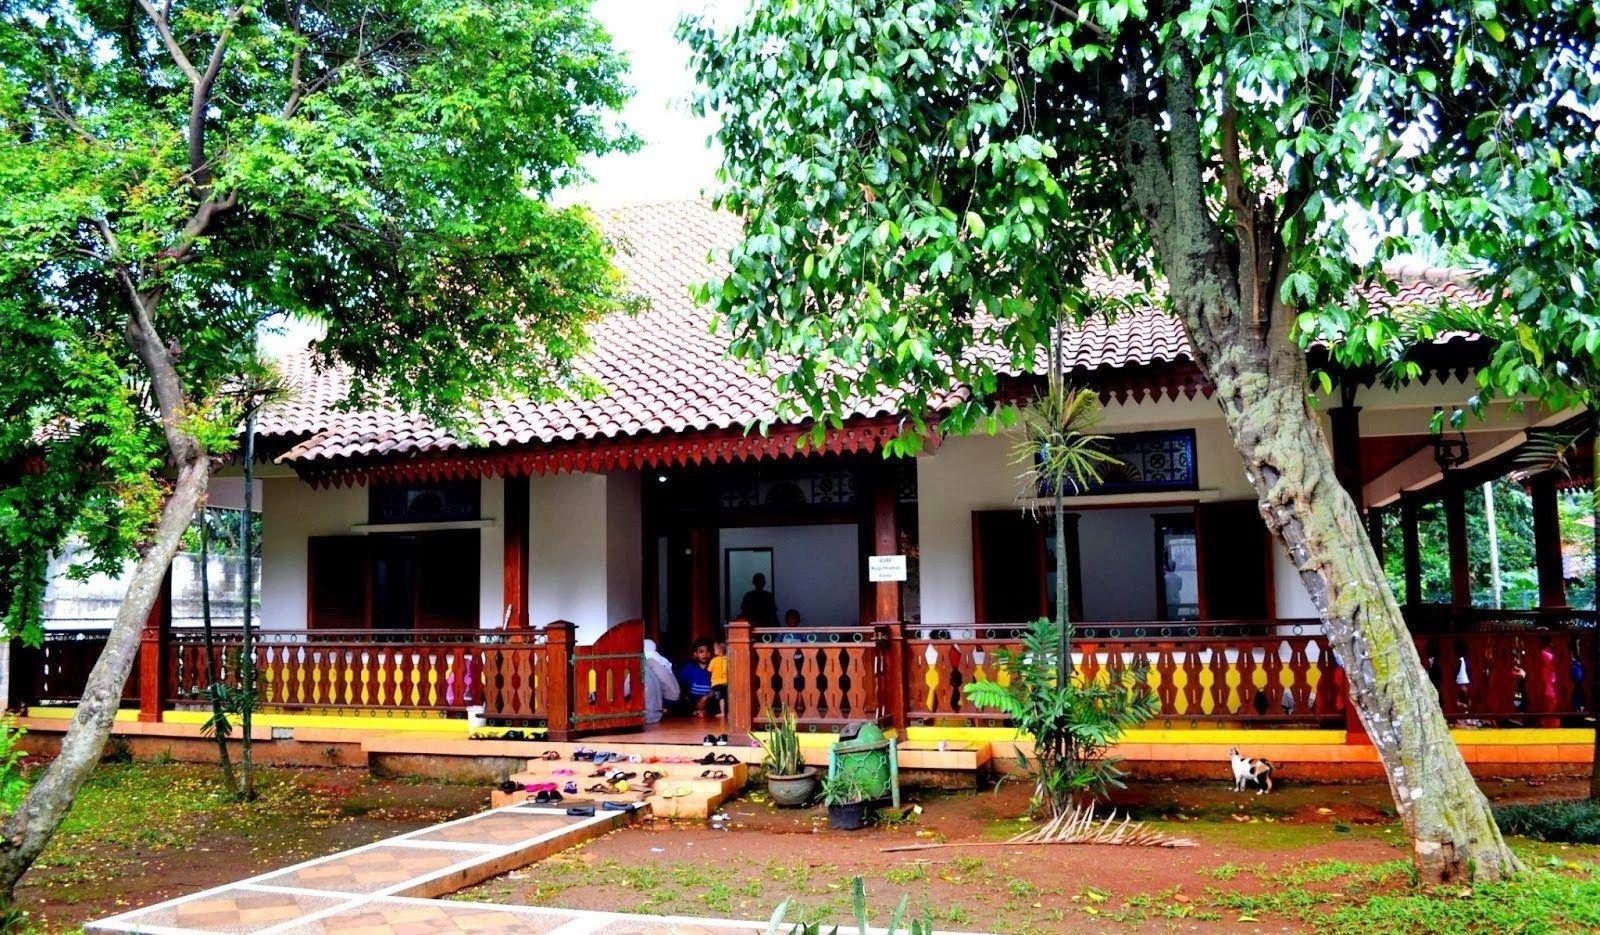 Wow 21 Gambar Rumah Betawi 26 Ide Merancang Interior Rumah untuk 21 Gambar Rumah Betawi